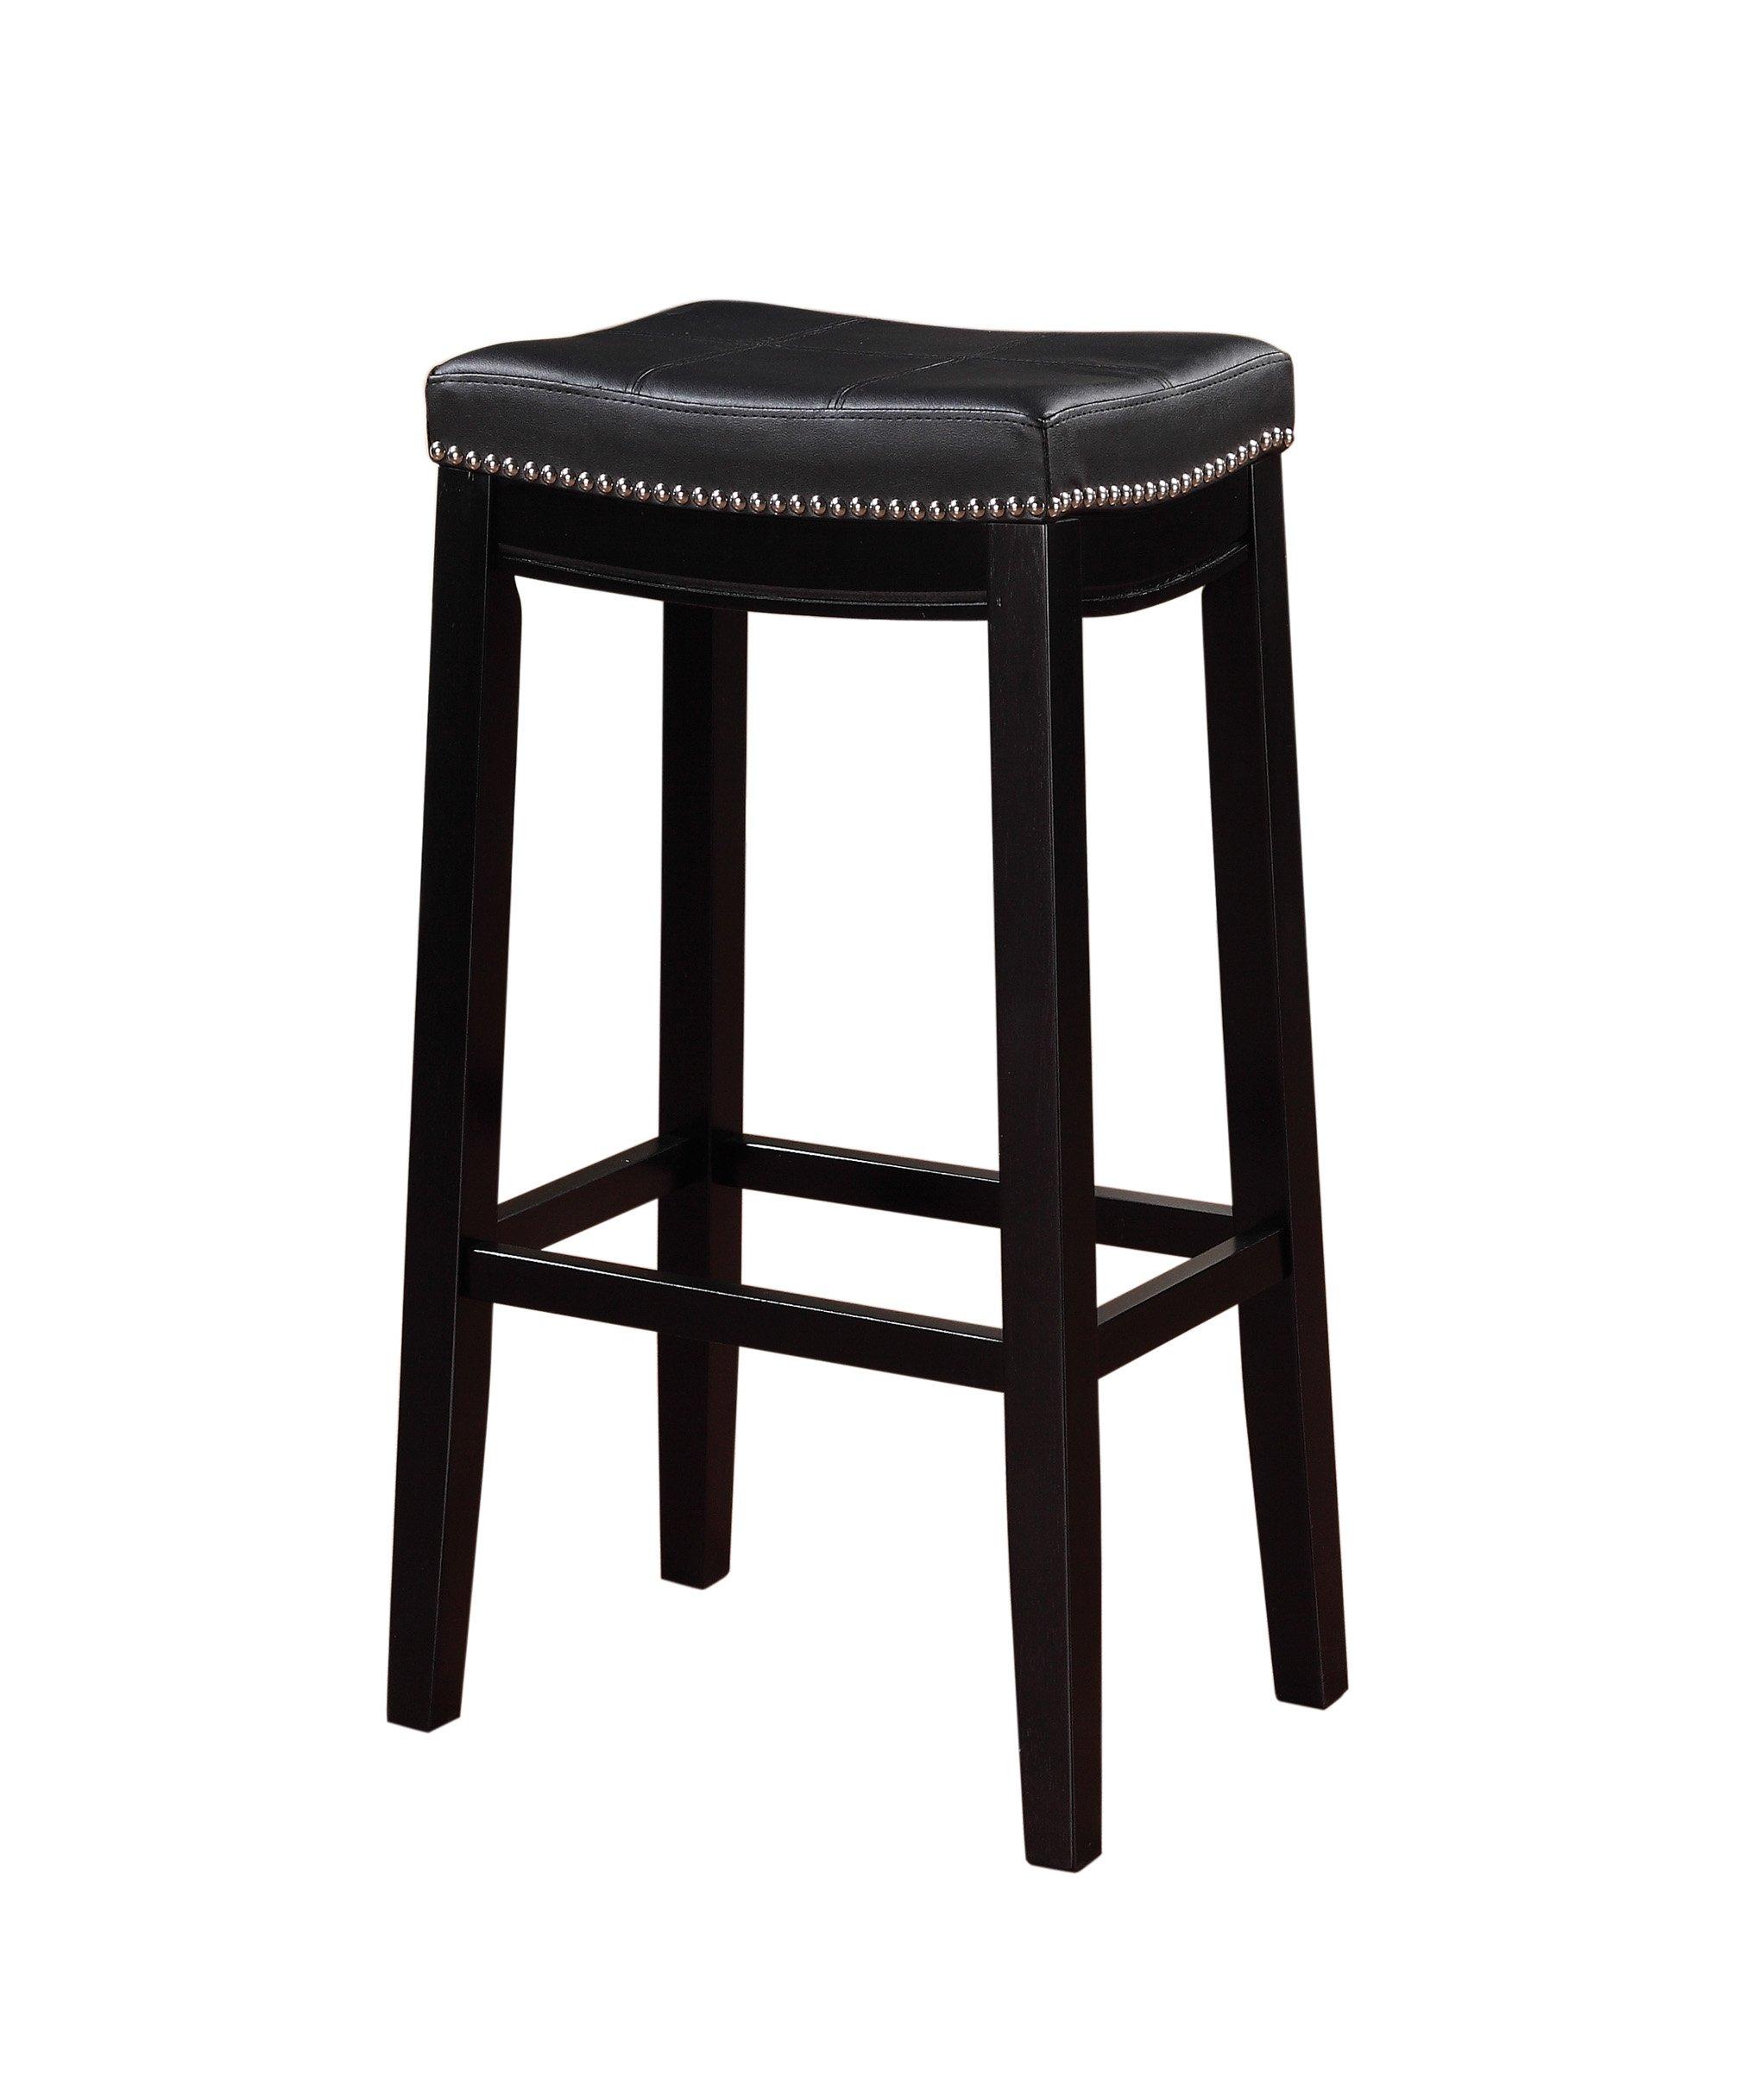 Linon 55816BLK01U Claridge bar Stool, 32'' x 18.75'' x 13'', Black